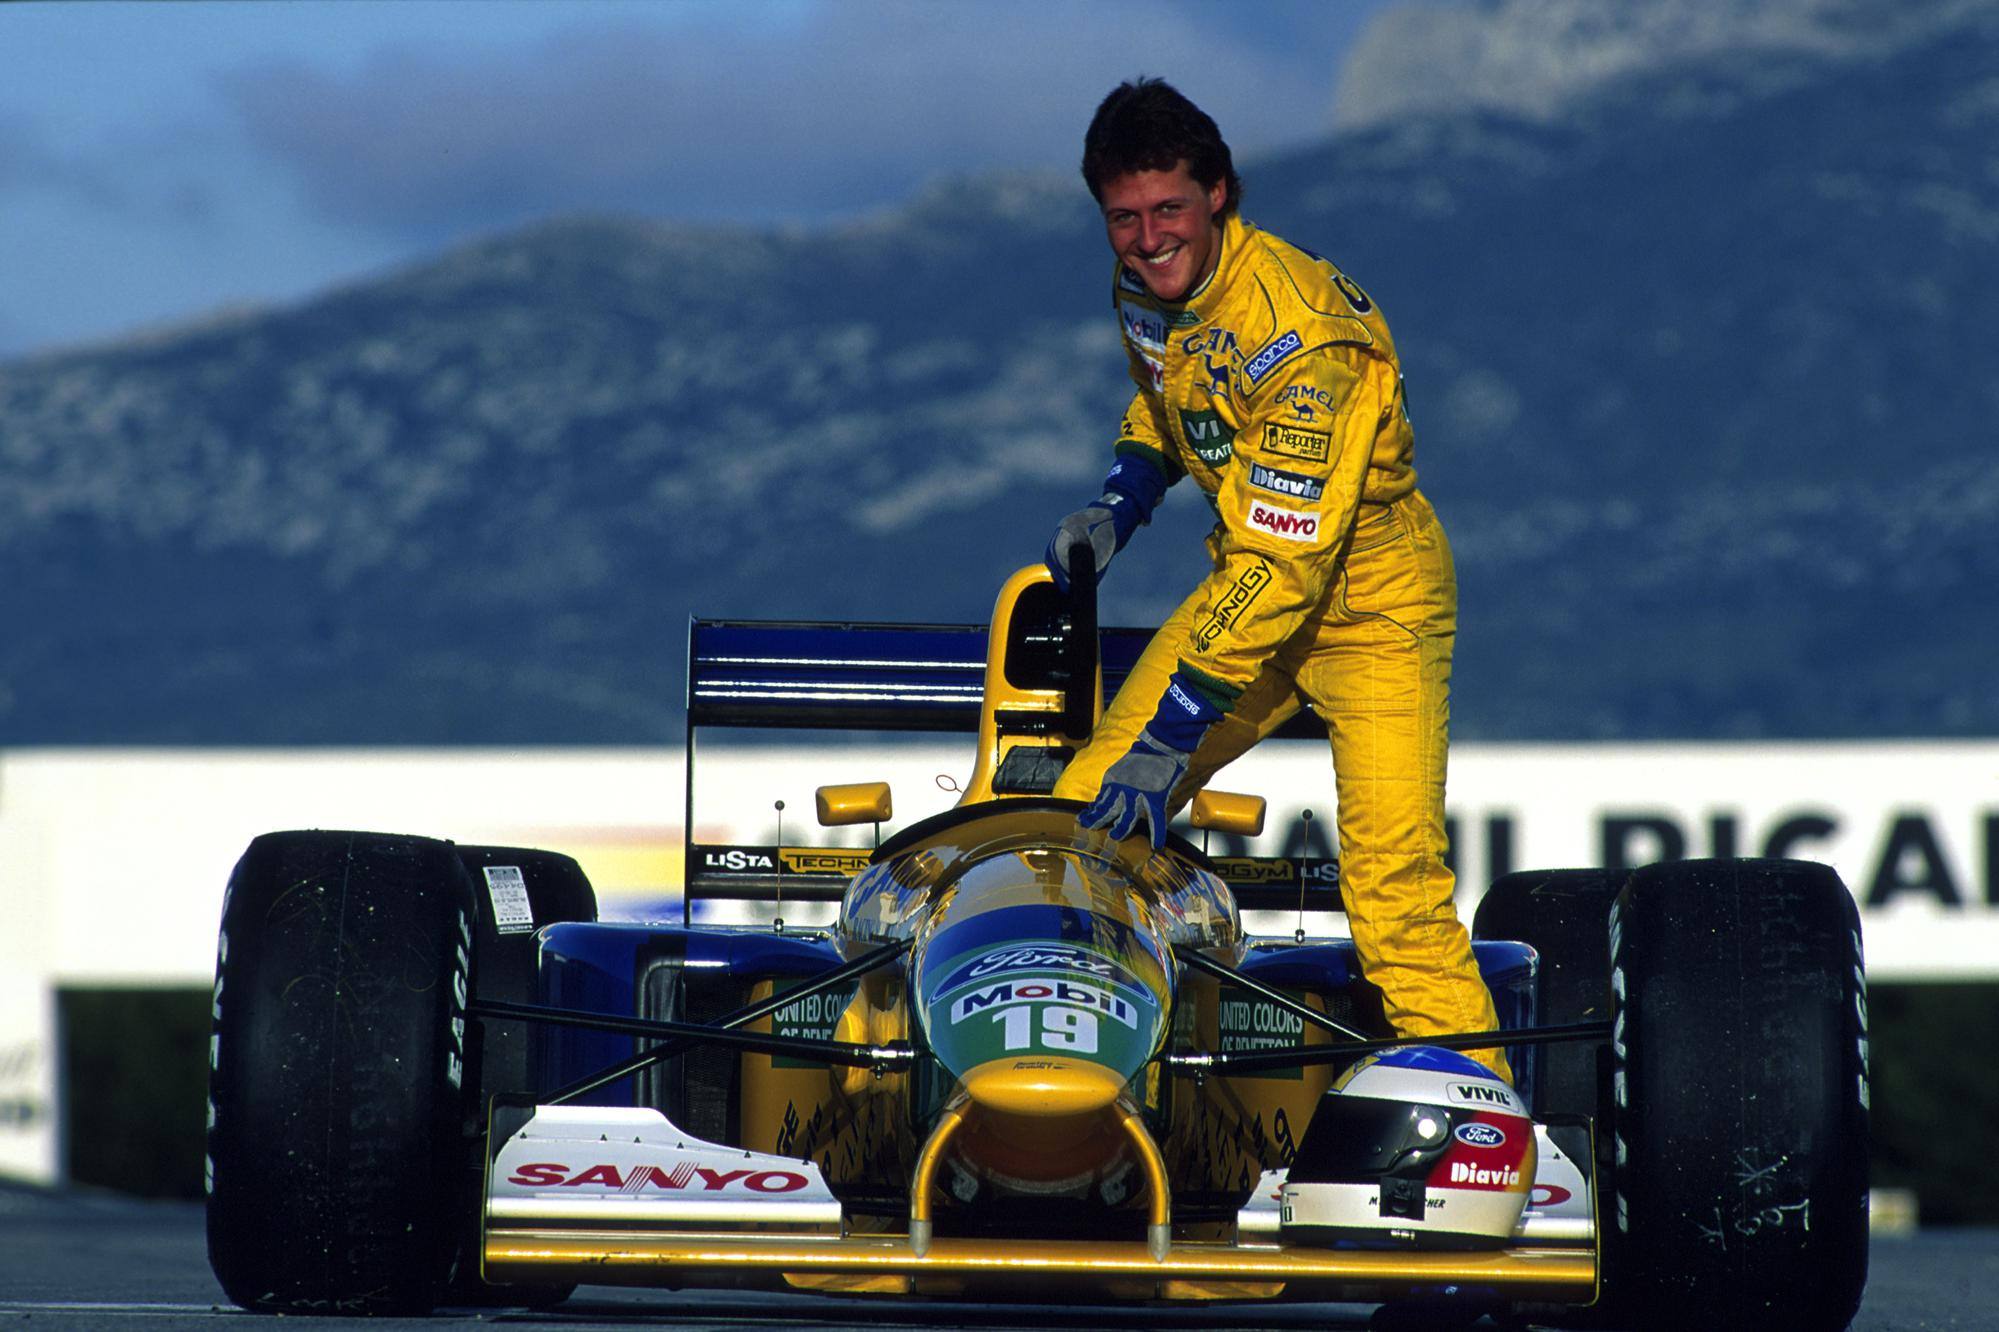 03-Benetton-00.jpg